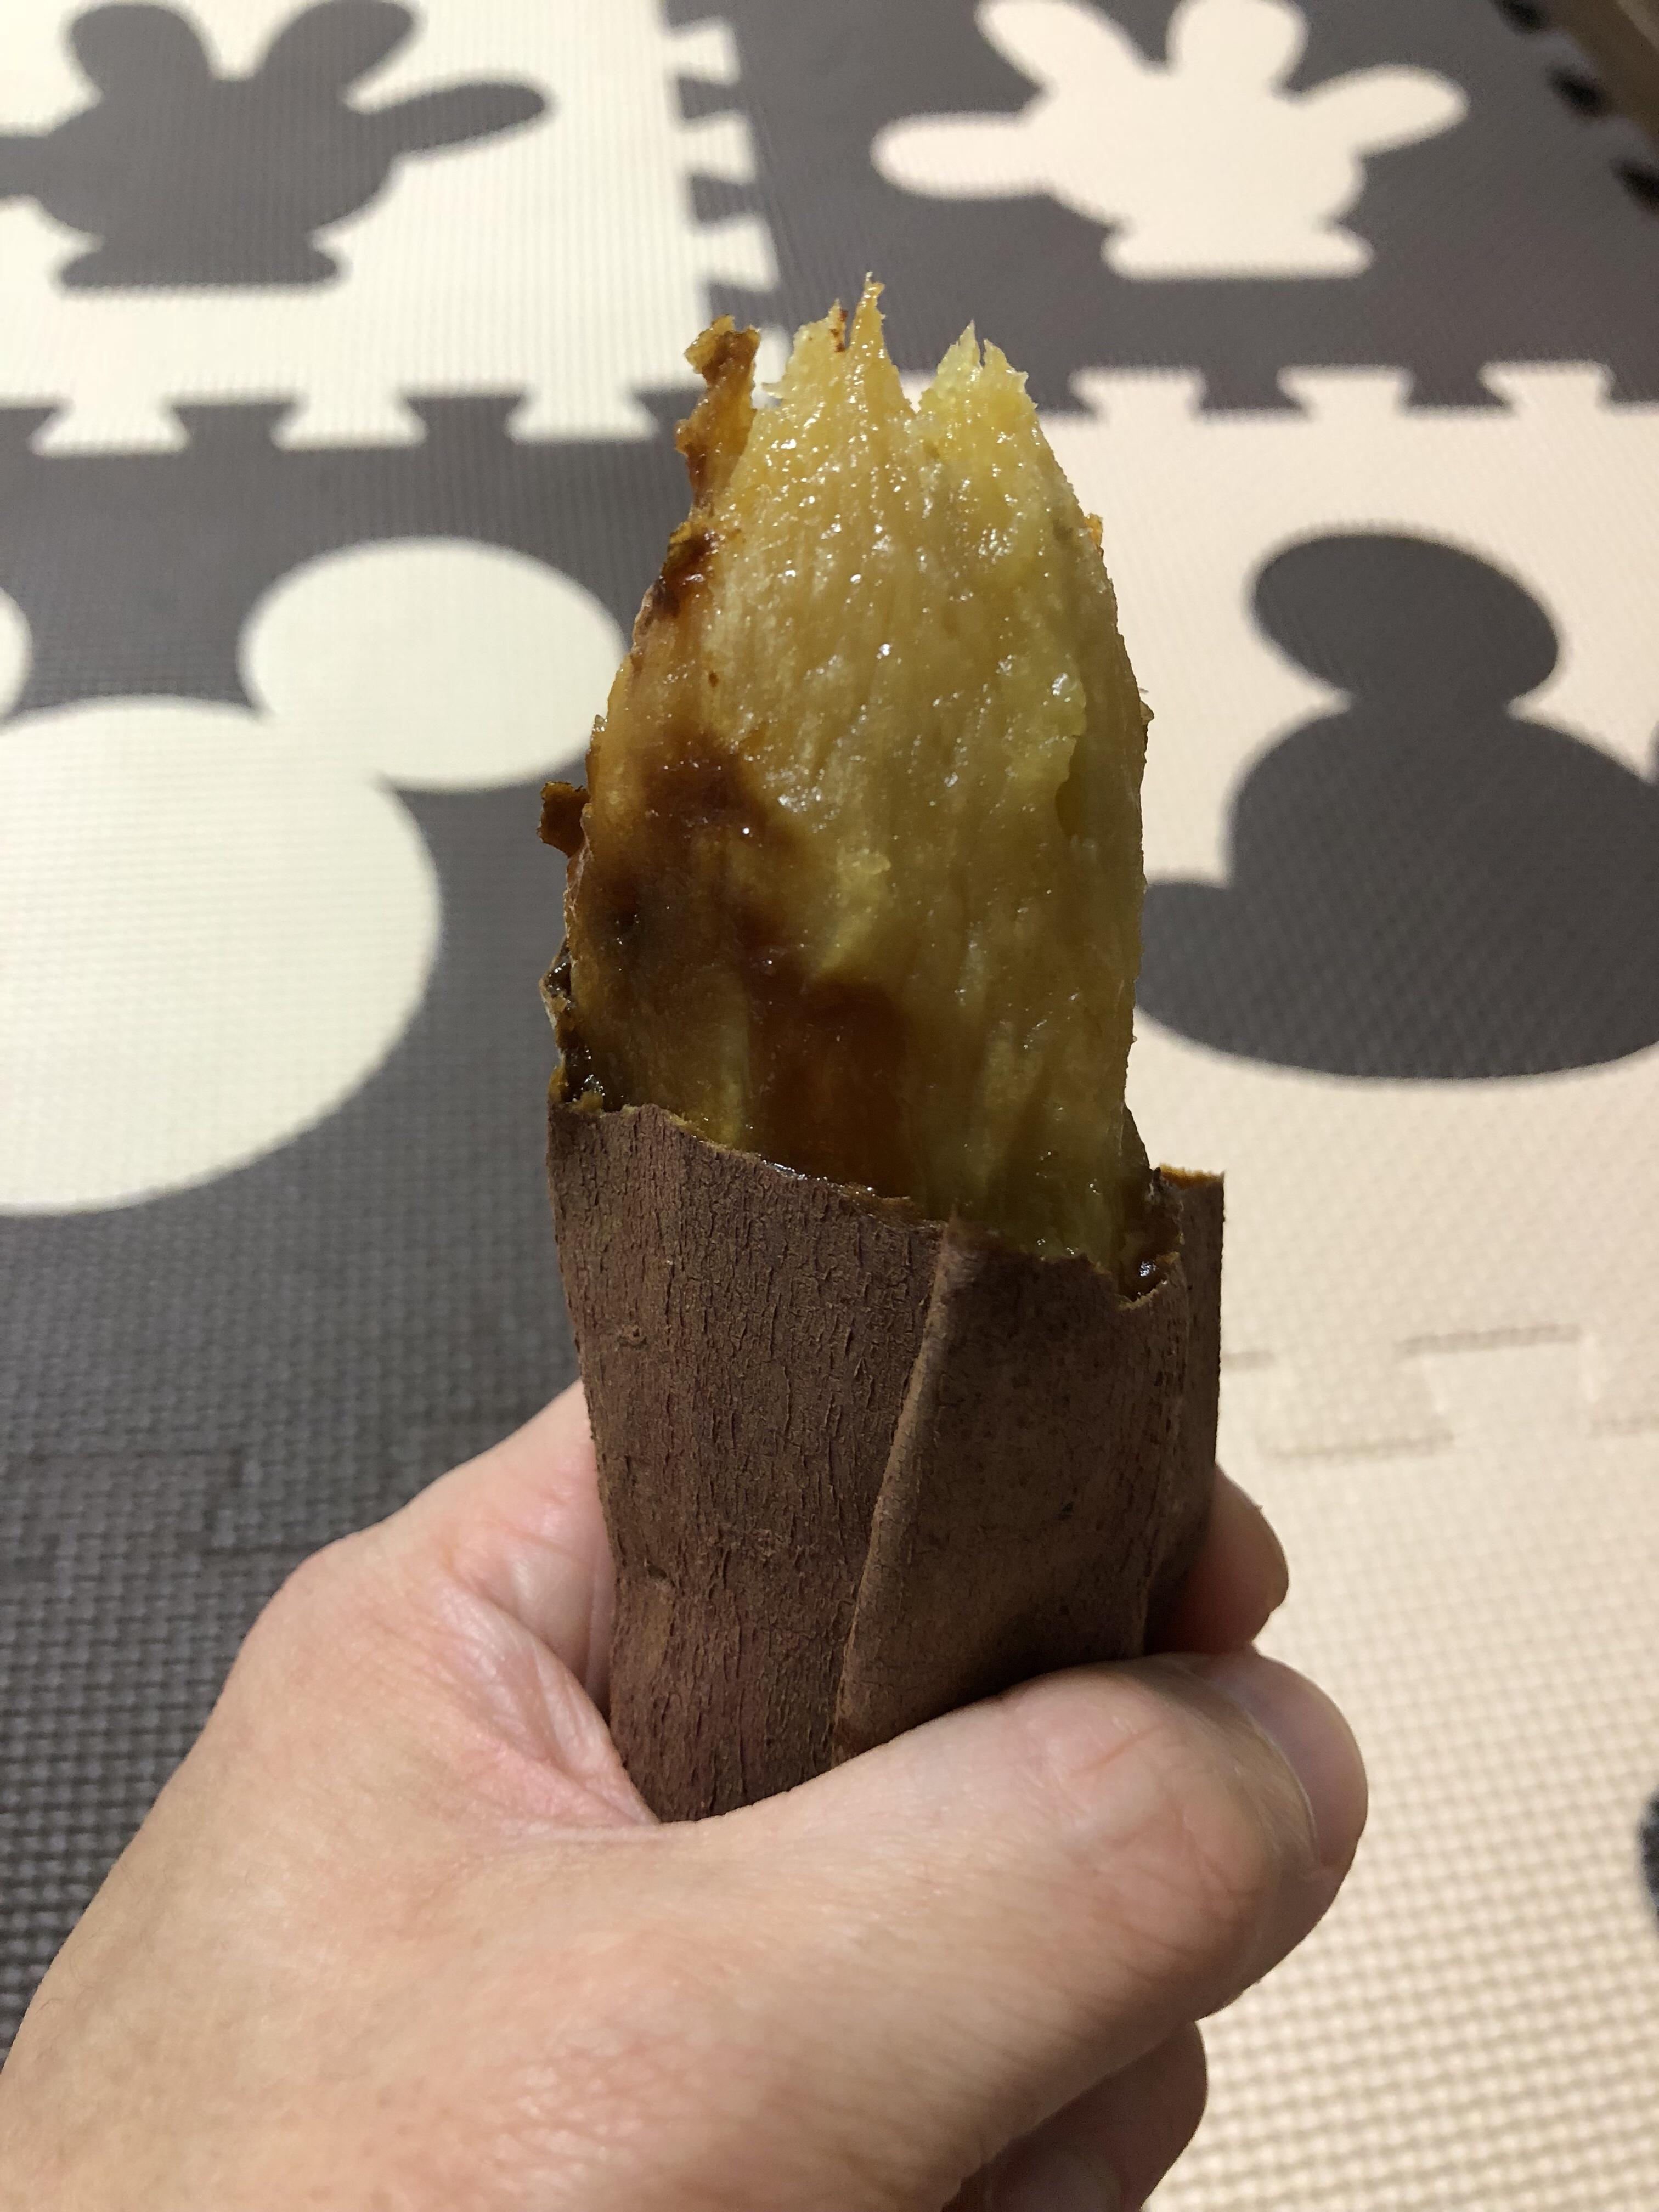 ポテトかいつかの熟成焼き芋が美味すぎて、全国民が食べた方がいいレベル